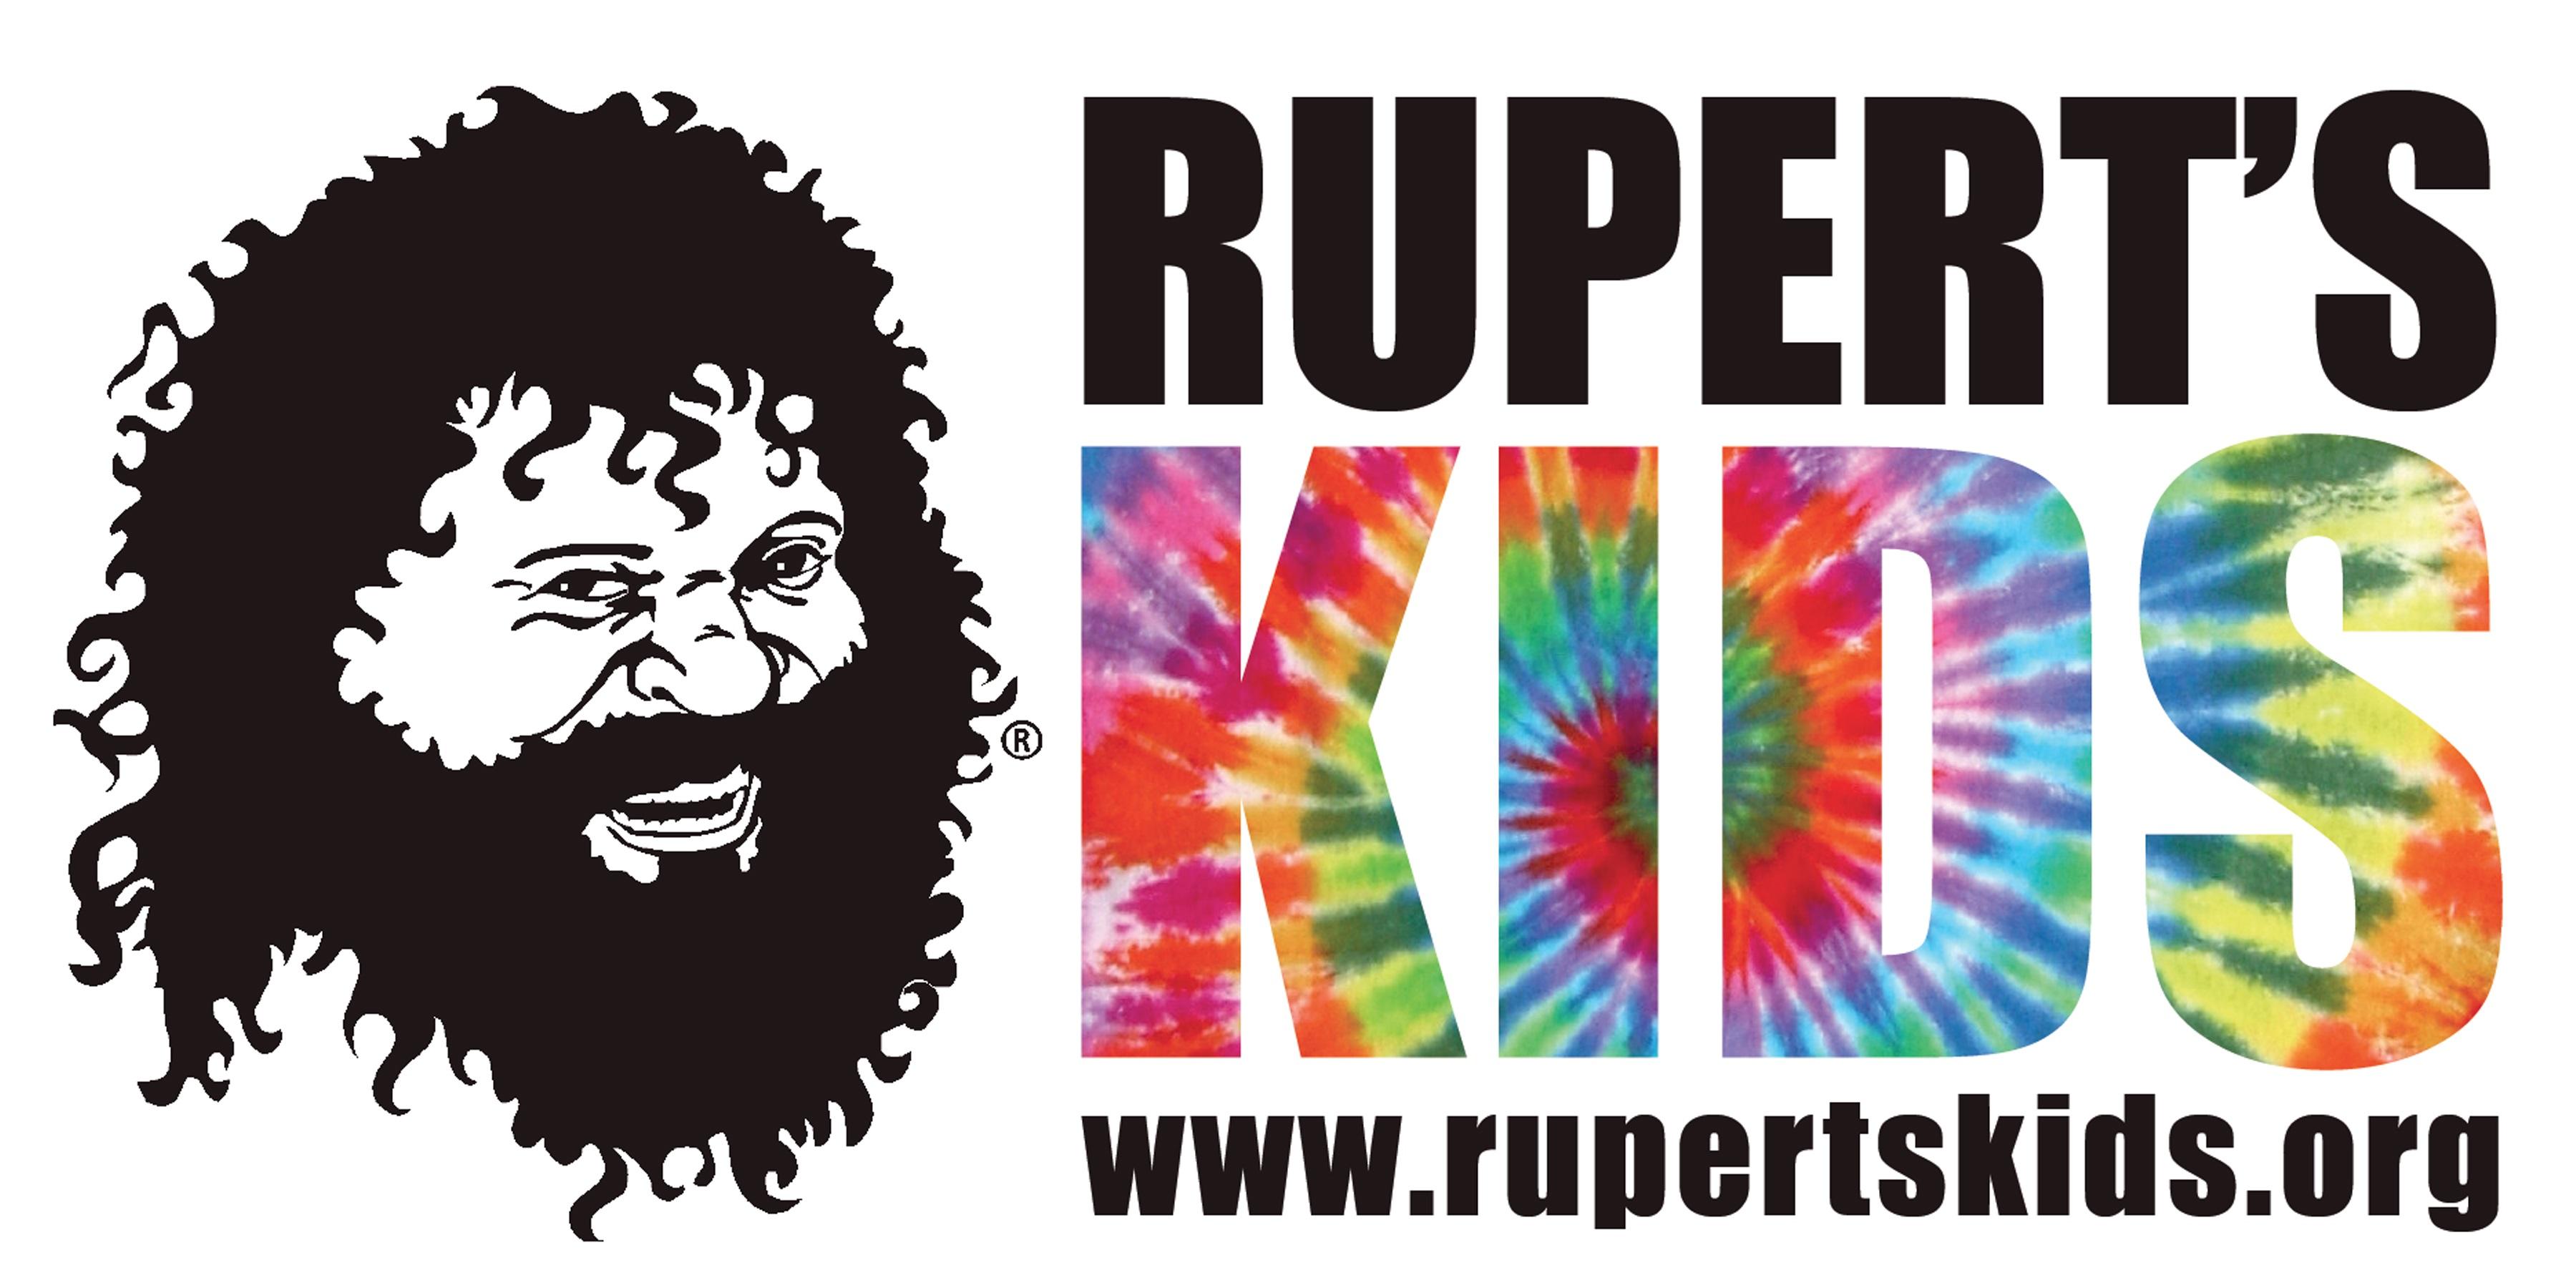 Visit RupertsKids.org